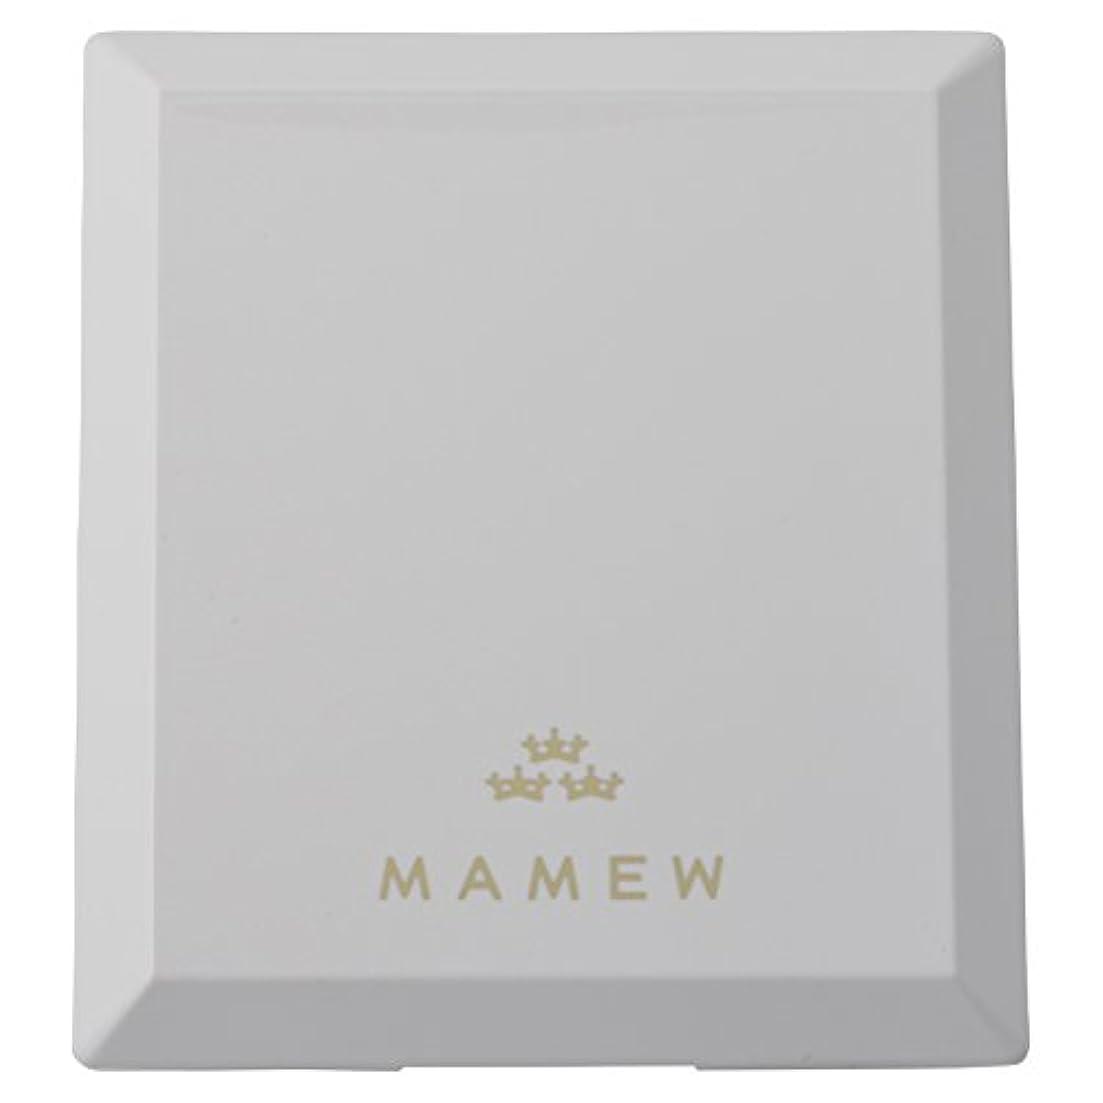 異常毎月ナビゲーションMAMEW(マミュ) カラーコレクションケース-メイクパレッド 鏡付き